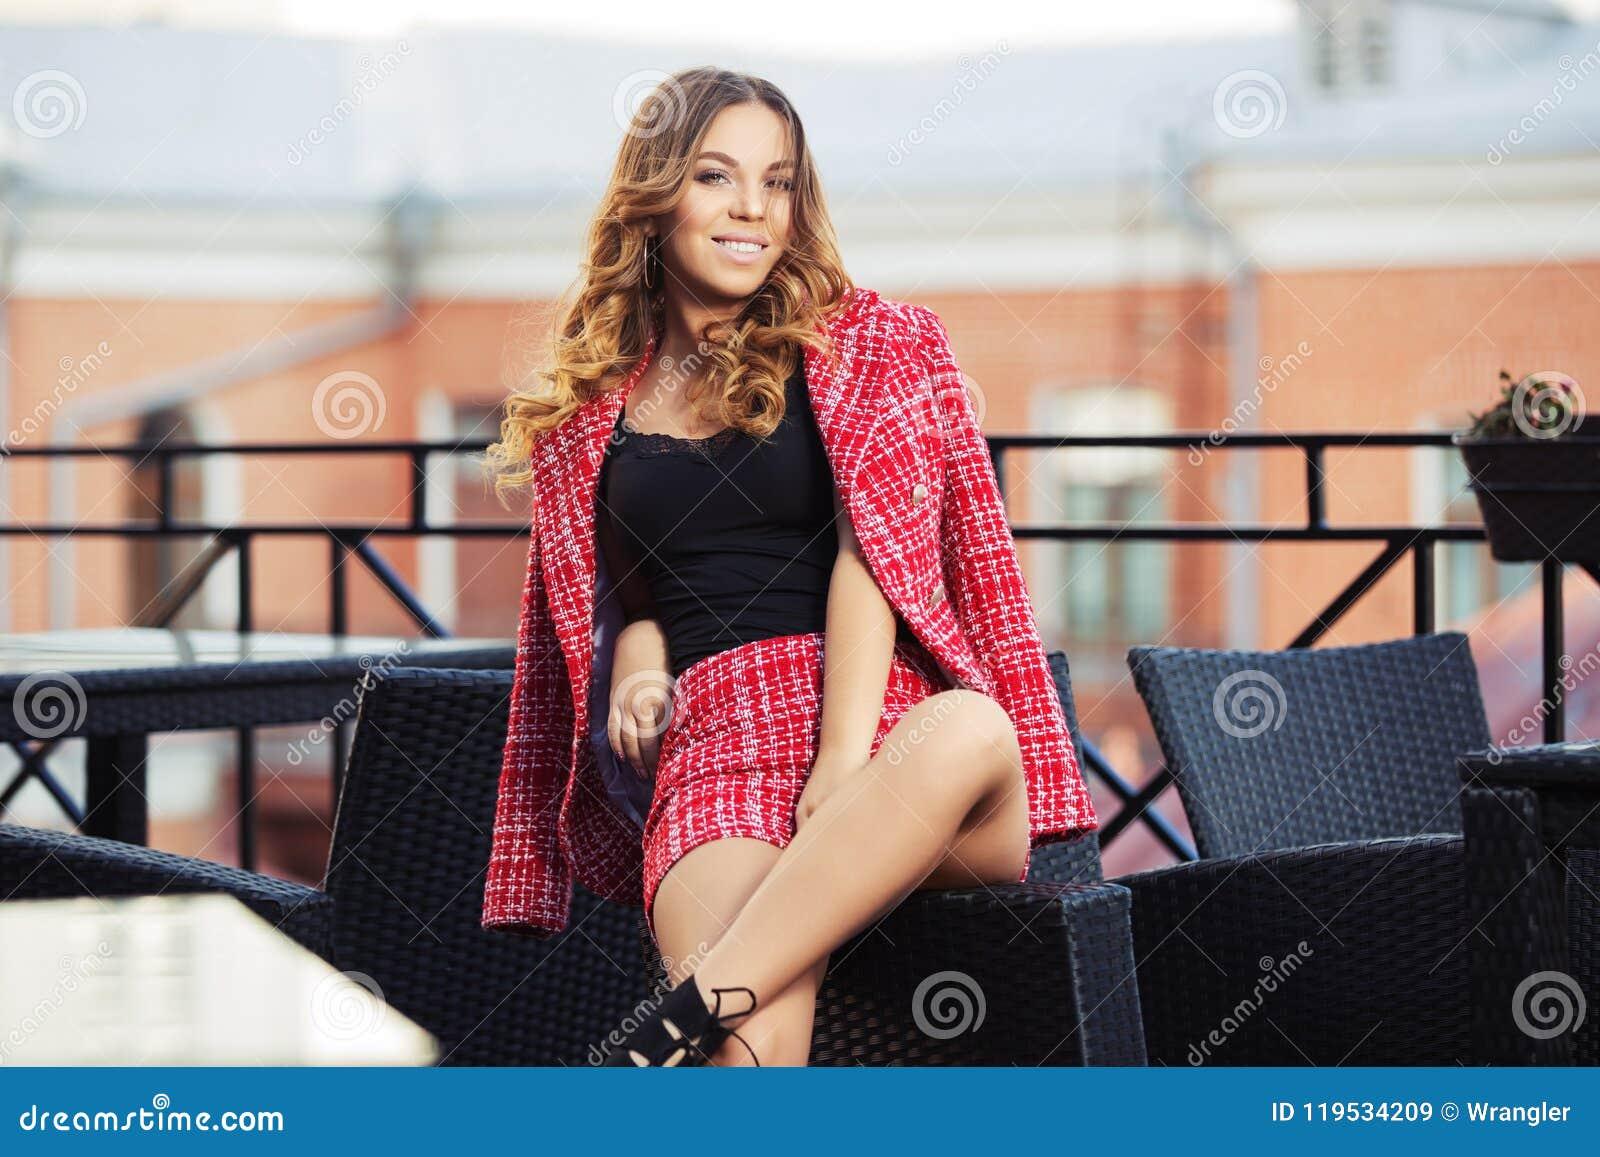 Rojos En Traje Moda De Y Jóvenes Tweed La Mujer Chaqueta Los dBxeCo